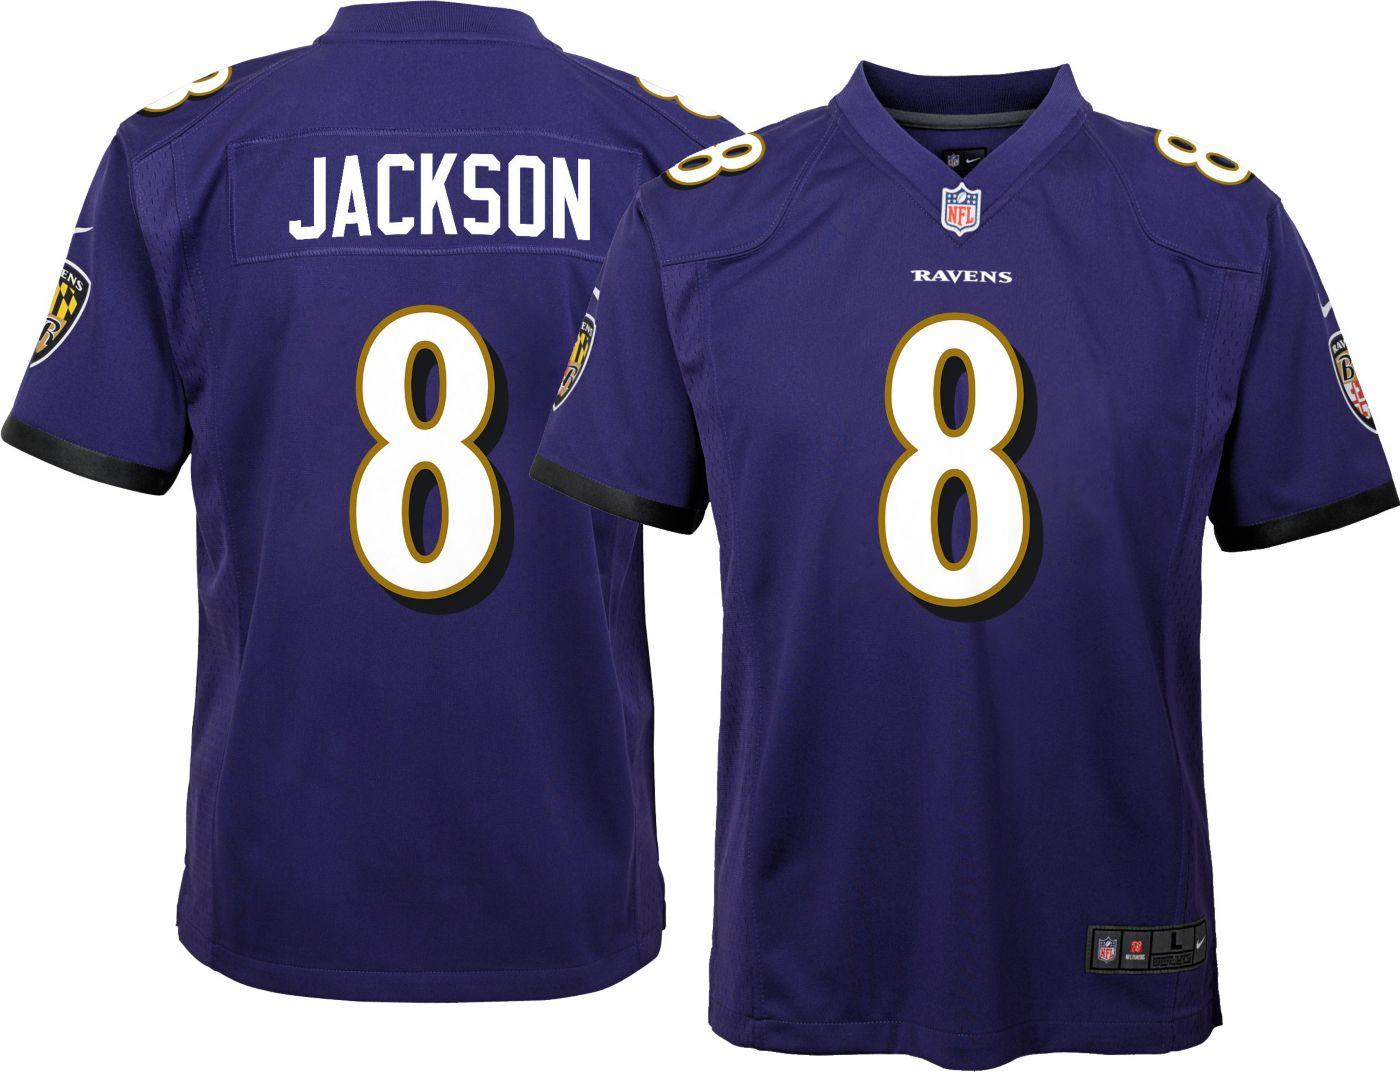 Lamar Jackson #8 Nike Youth Baltimore Ravens Home Game Jersey